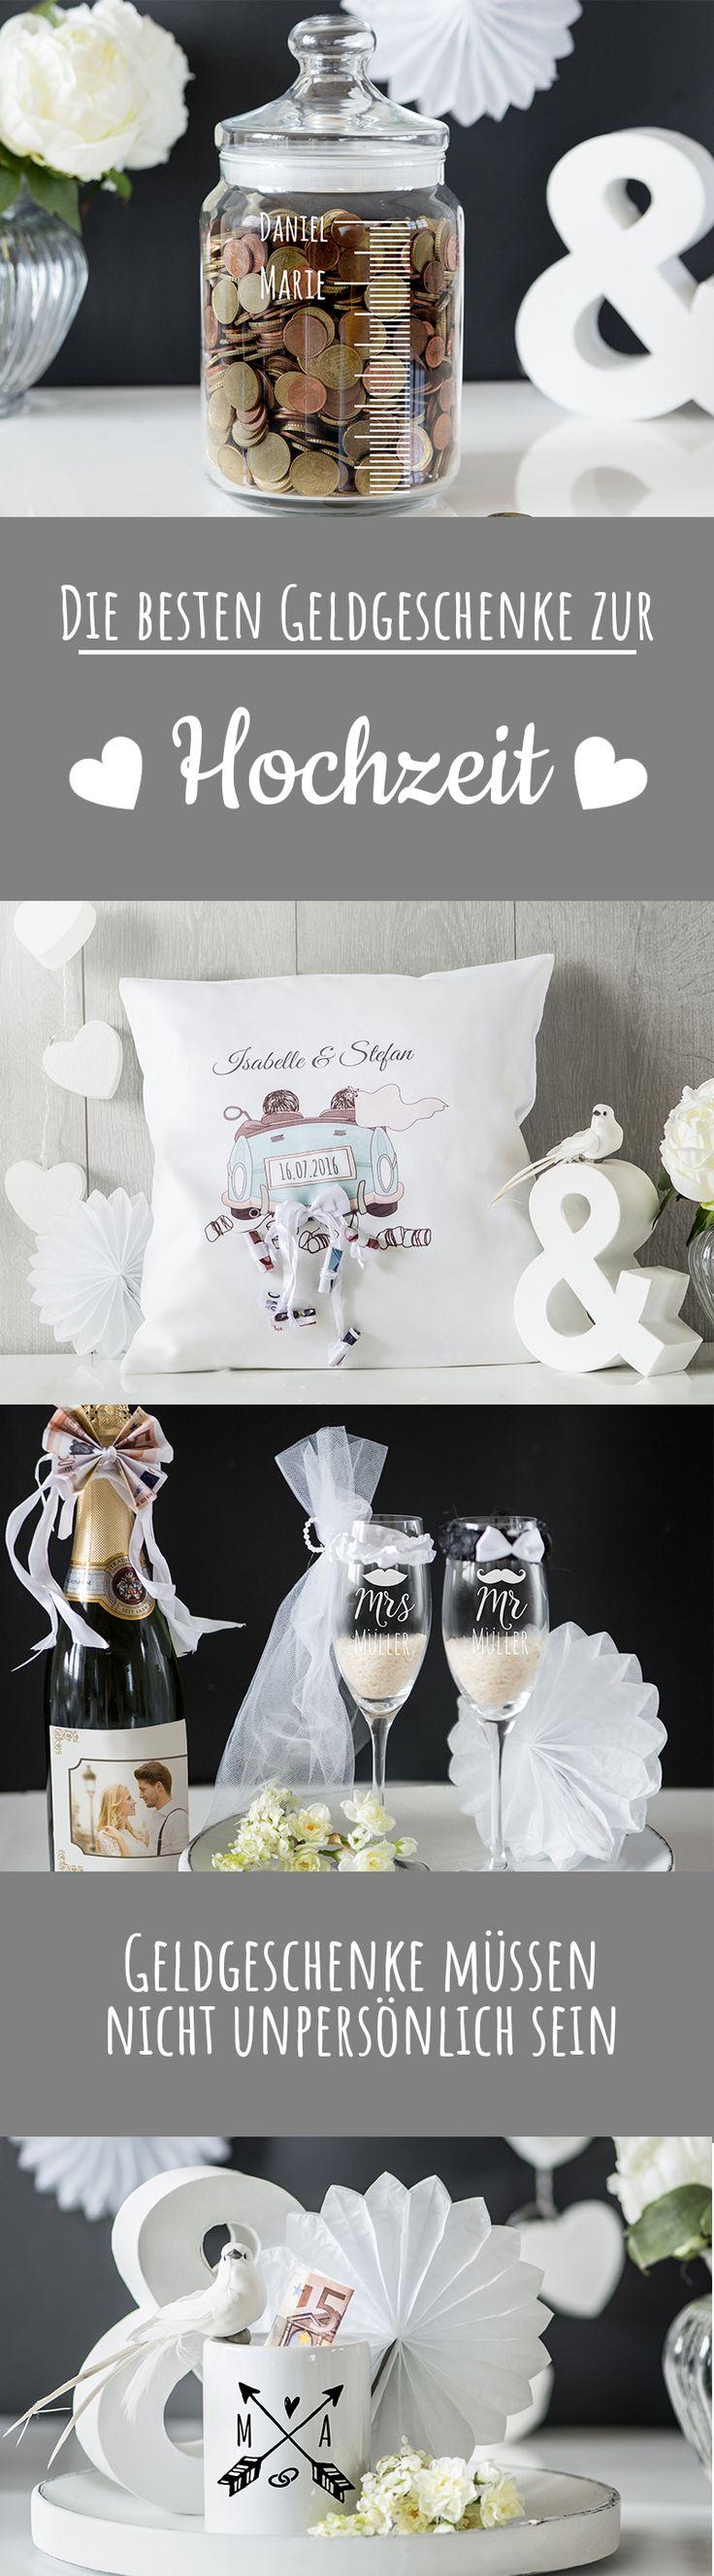 Die besten Geldgeschenke zur Hochzeit – ganz persönlich und individuell. #Hochzeitskissen #Personello #Personalisiert